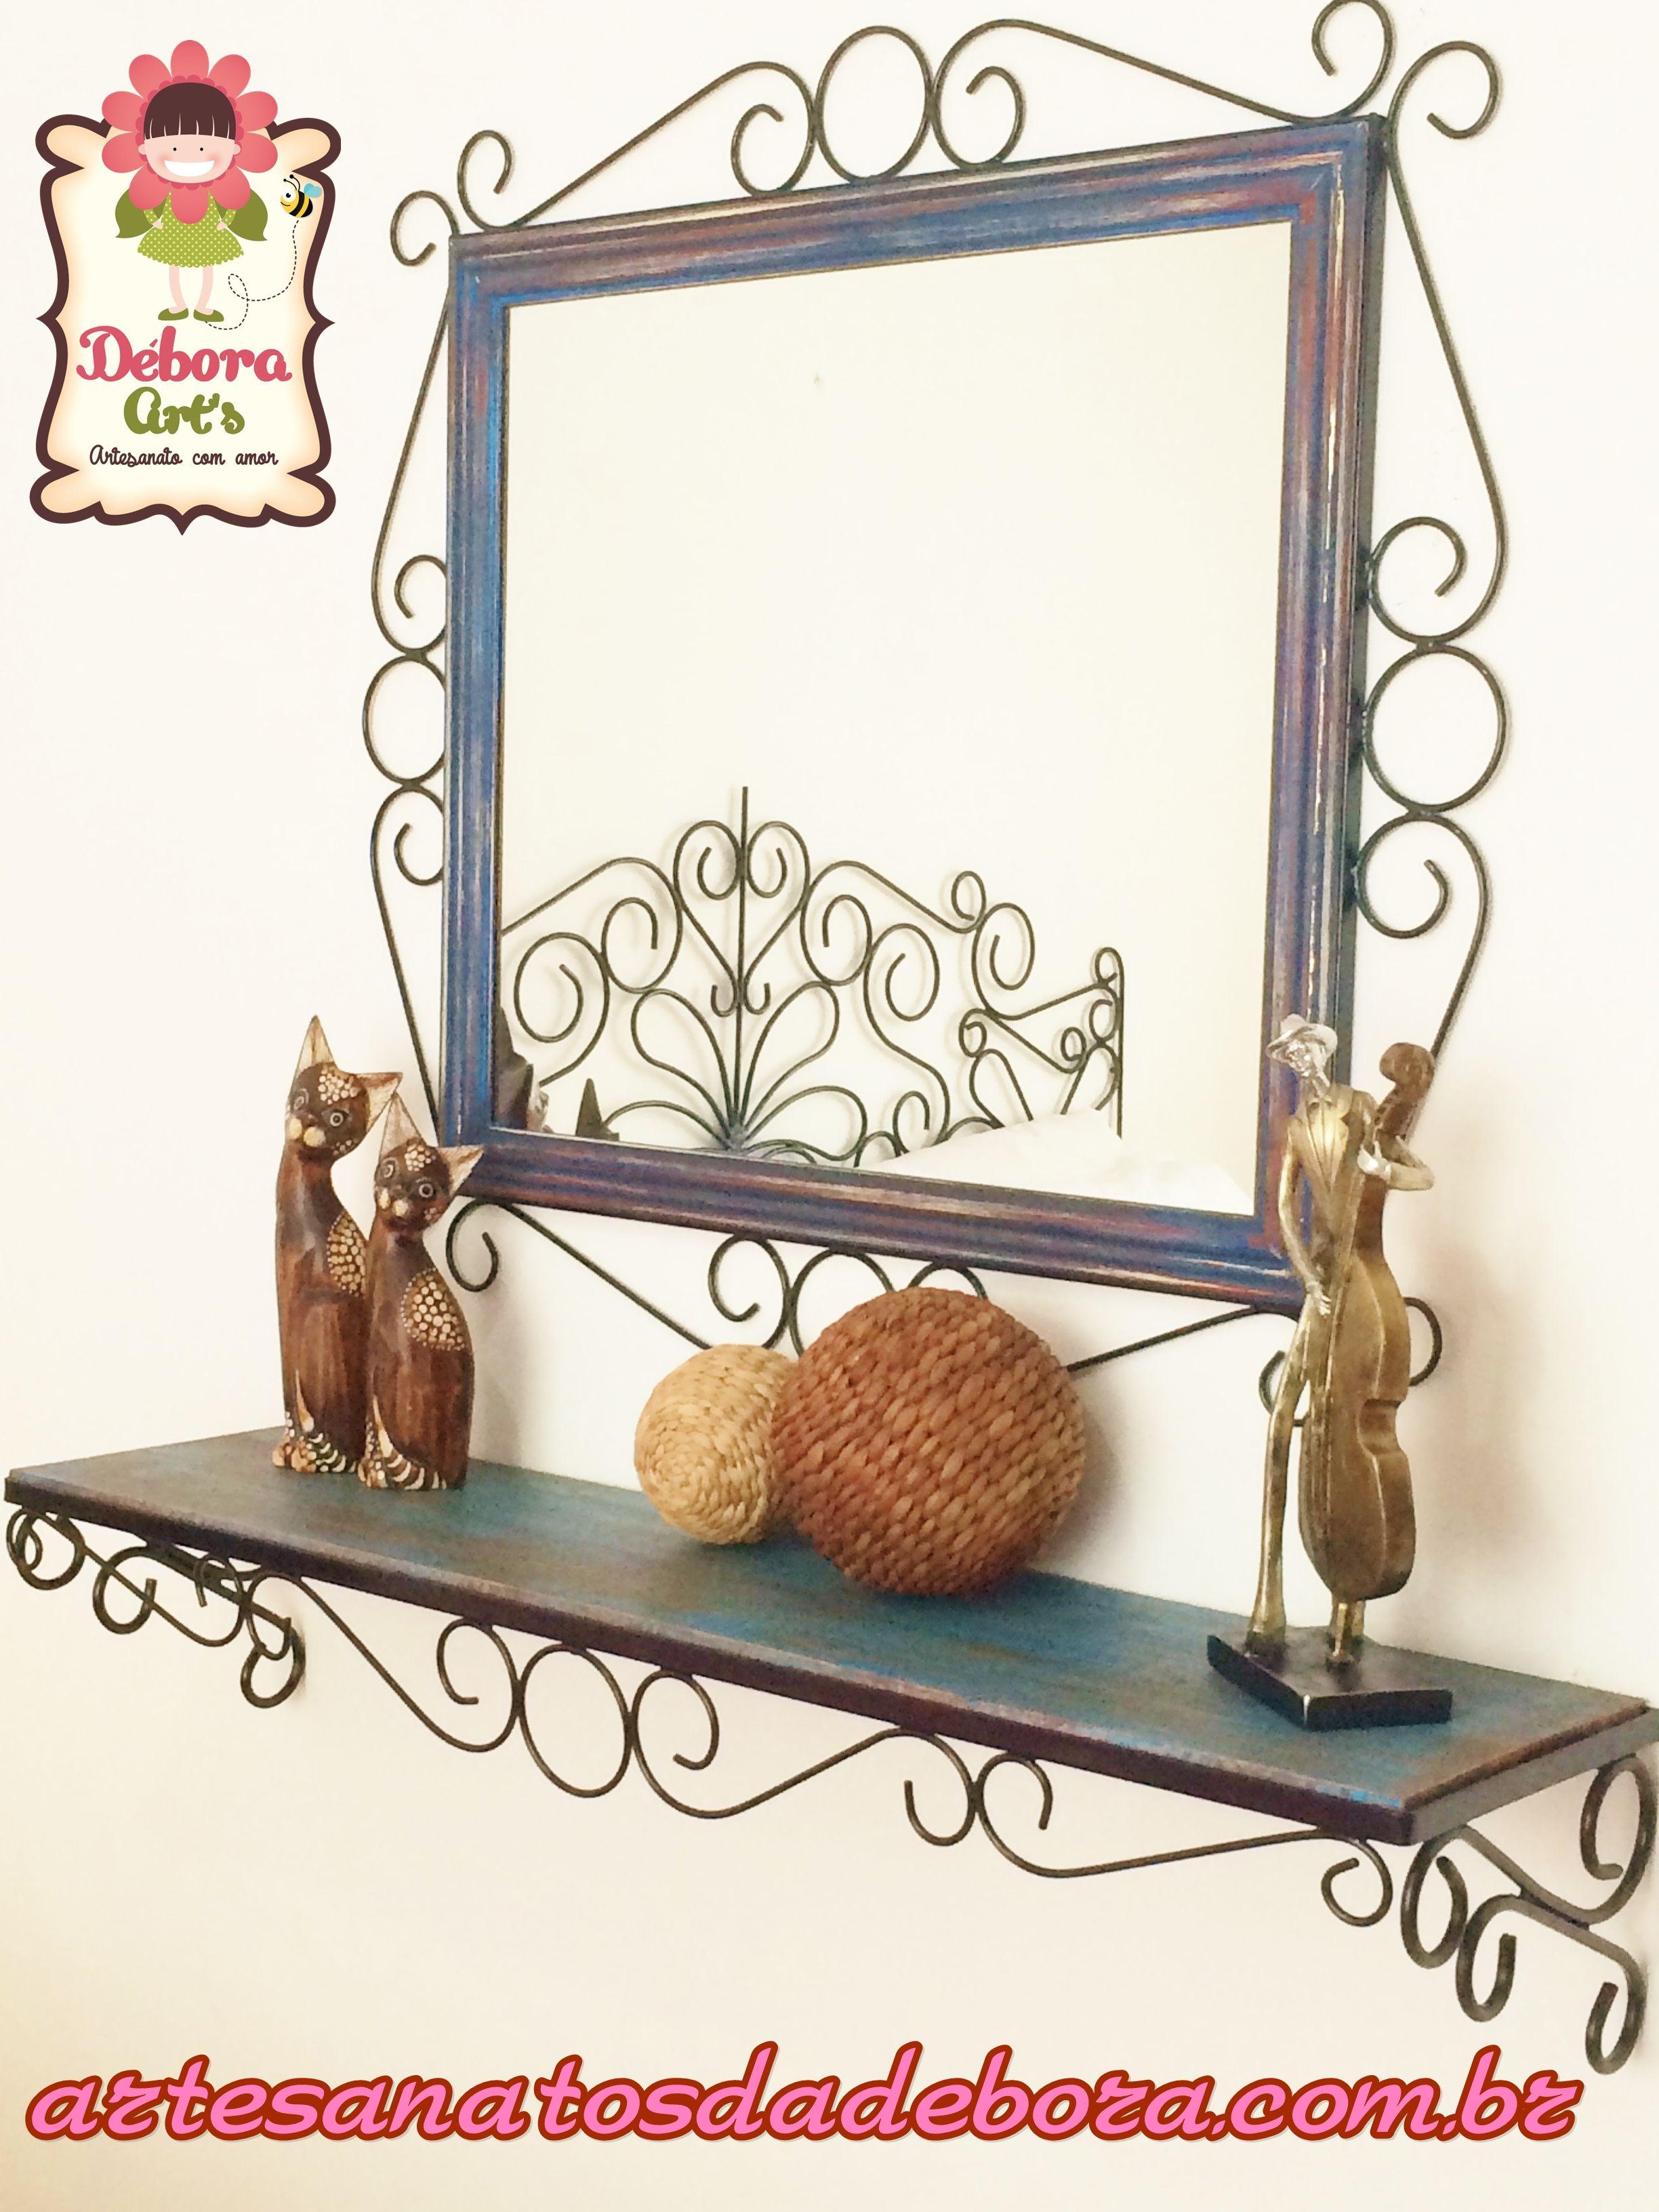 Wrought iron bathroom space saver - Espelho Aparador Www Artesanatosdadebora Com Br